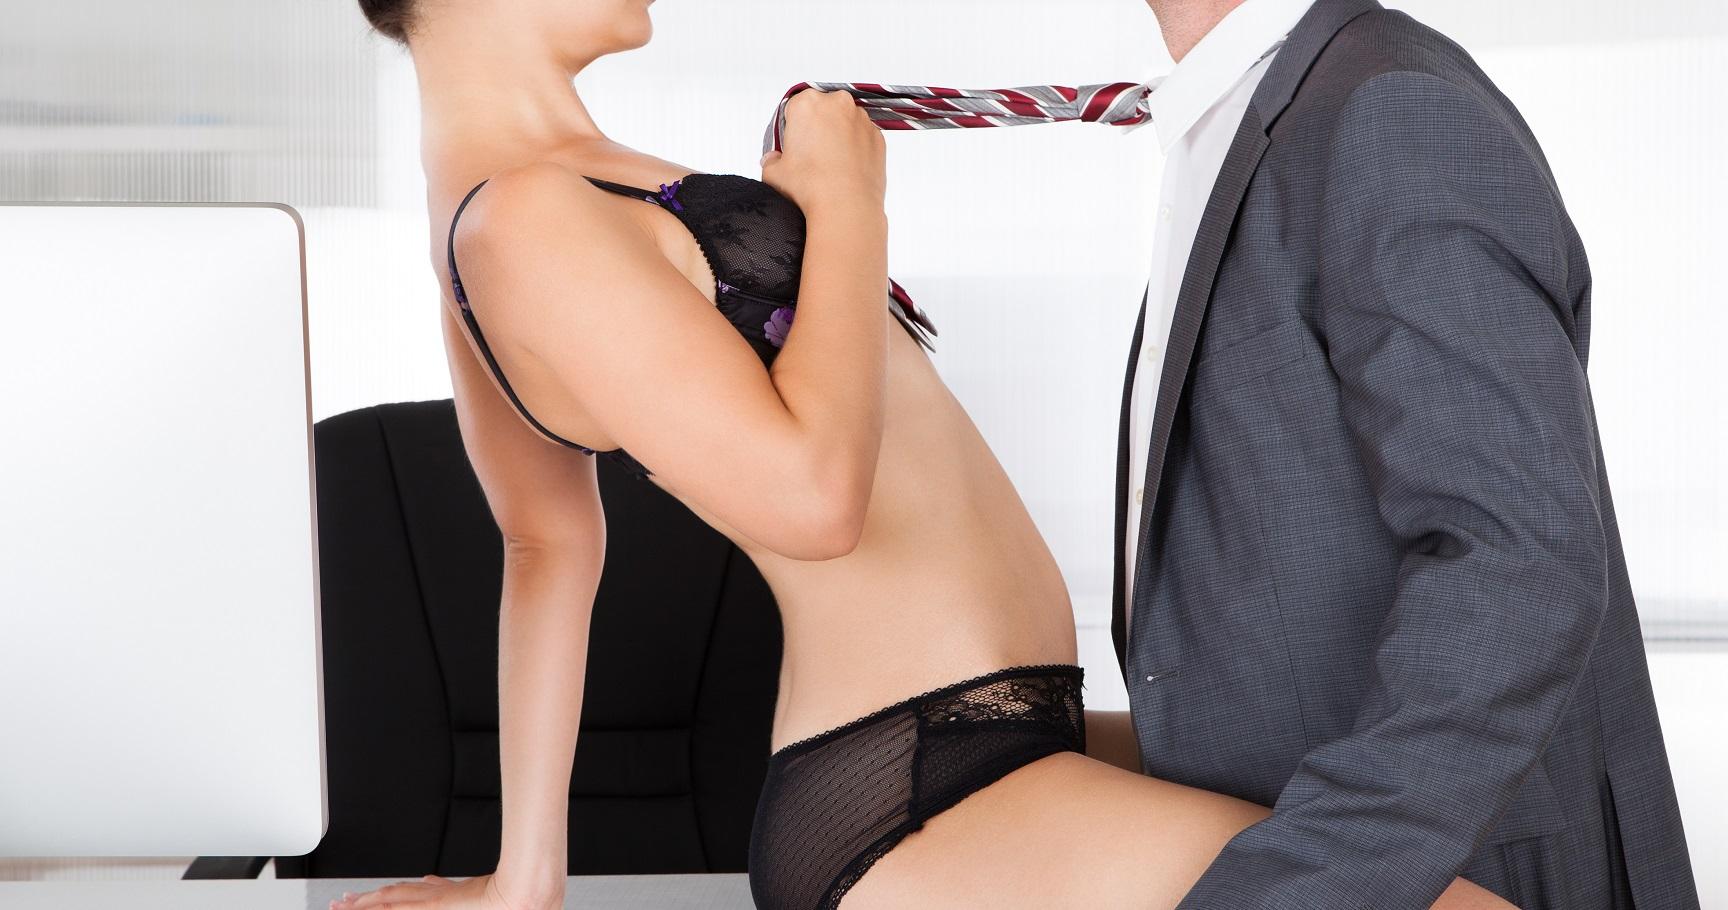 office butt sex gifs